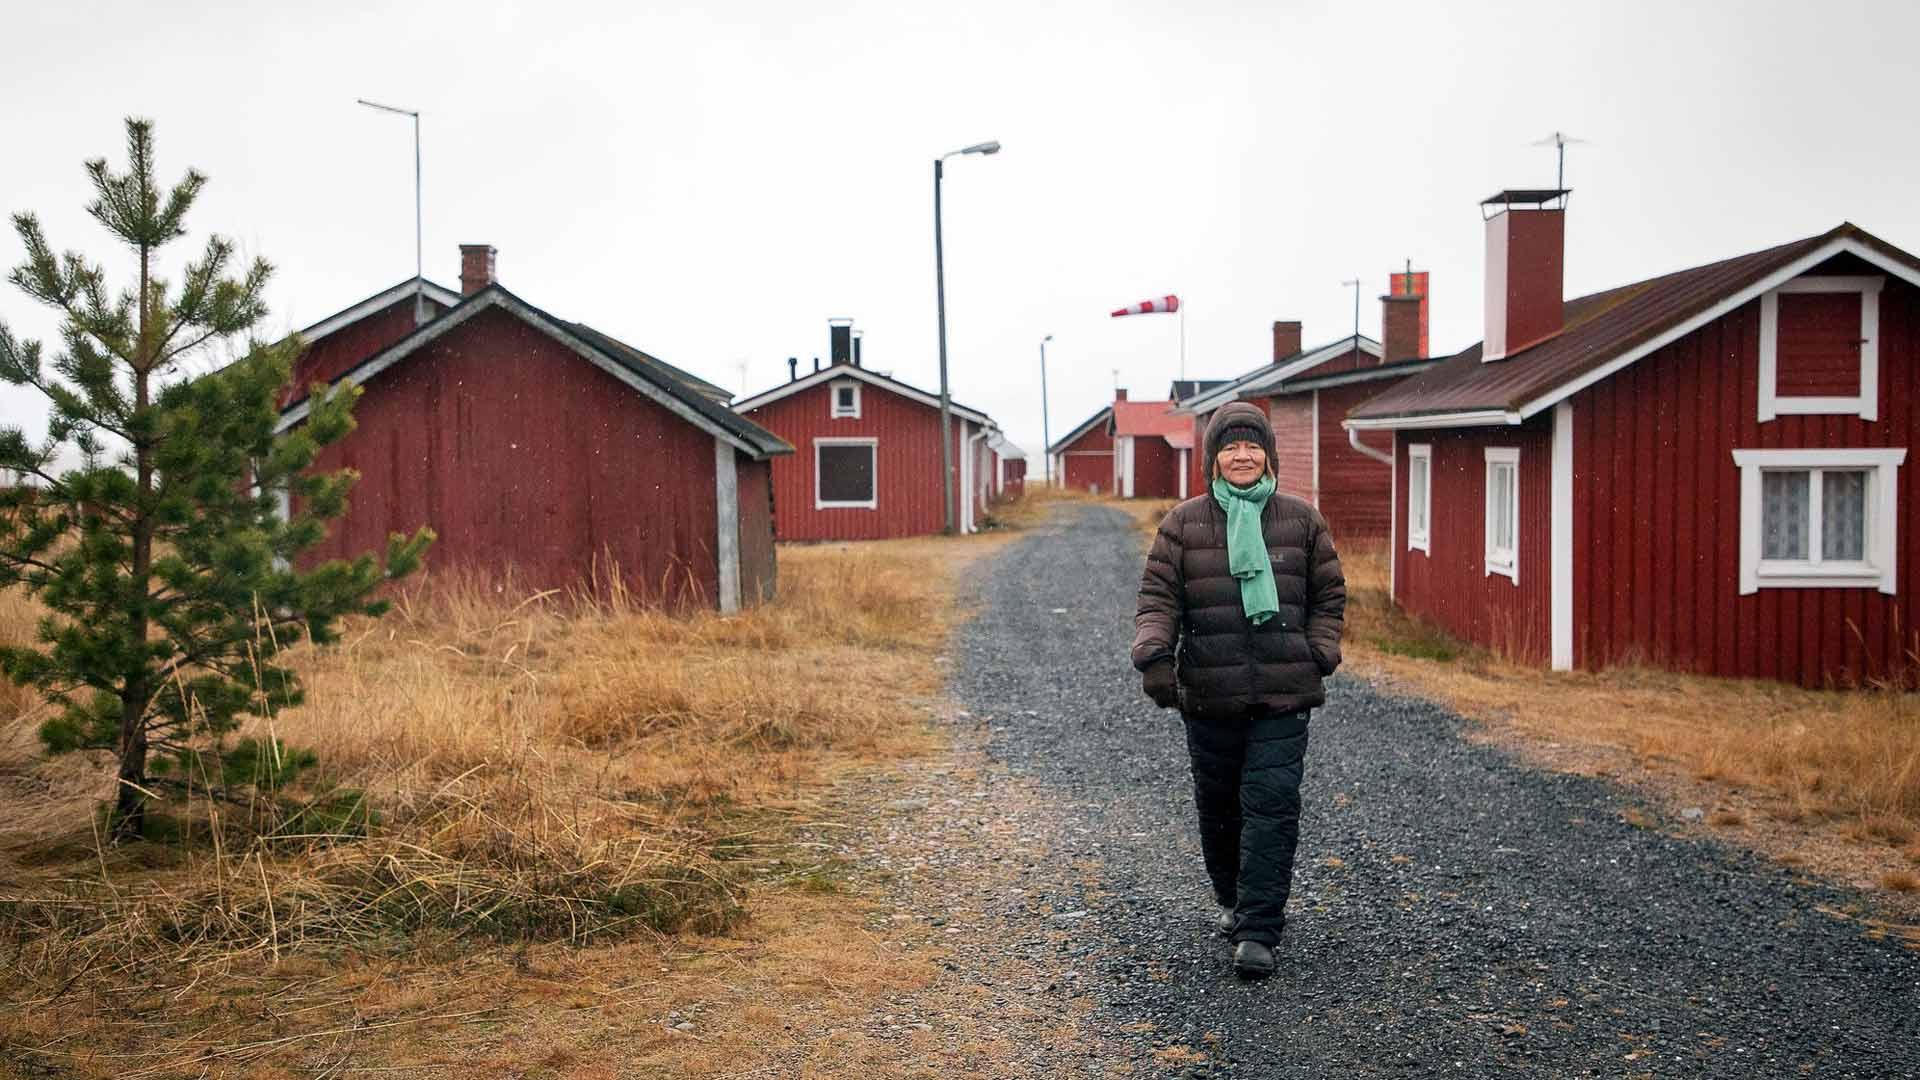 Päivi Ahonen aloitti aamunsa kävelemällä rannassa ja punaisten kalastajamökkien välissä. Retriitiltä hän haki vaihtelua ja sosiaalisuutta tutkijan arkeen.